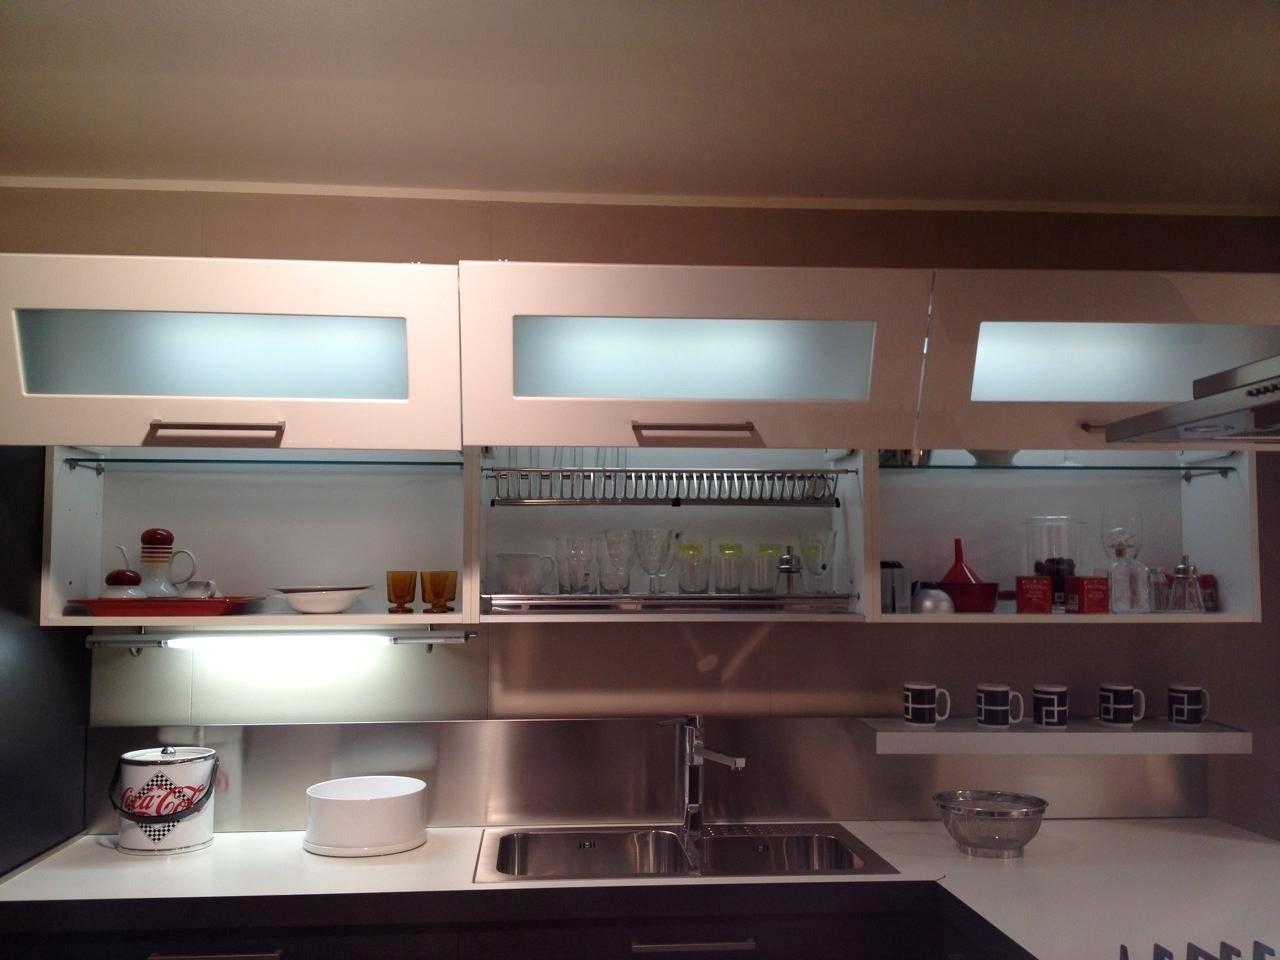 Programma per comporre cucine best camerette programma - Programma per arredare casa gratis ...